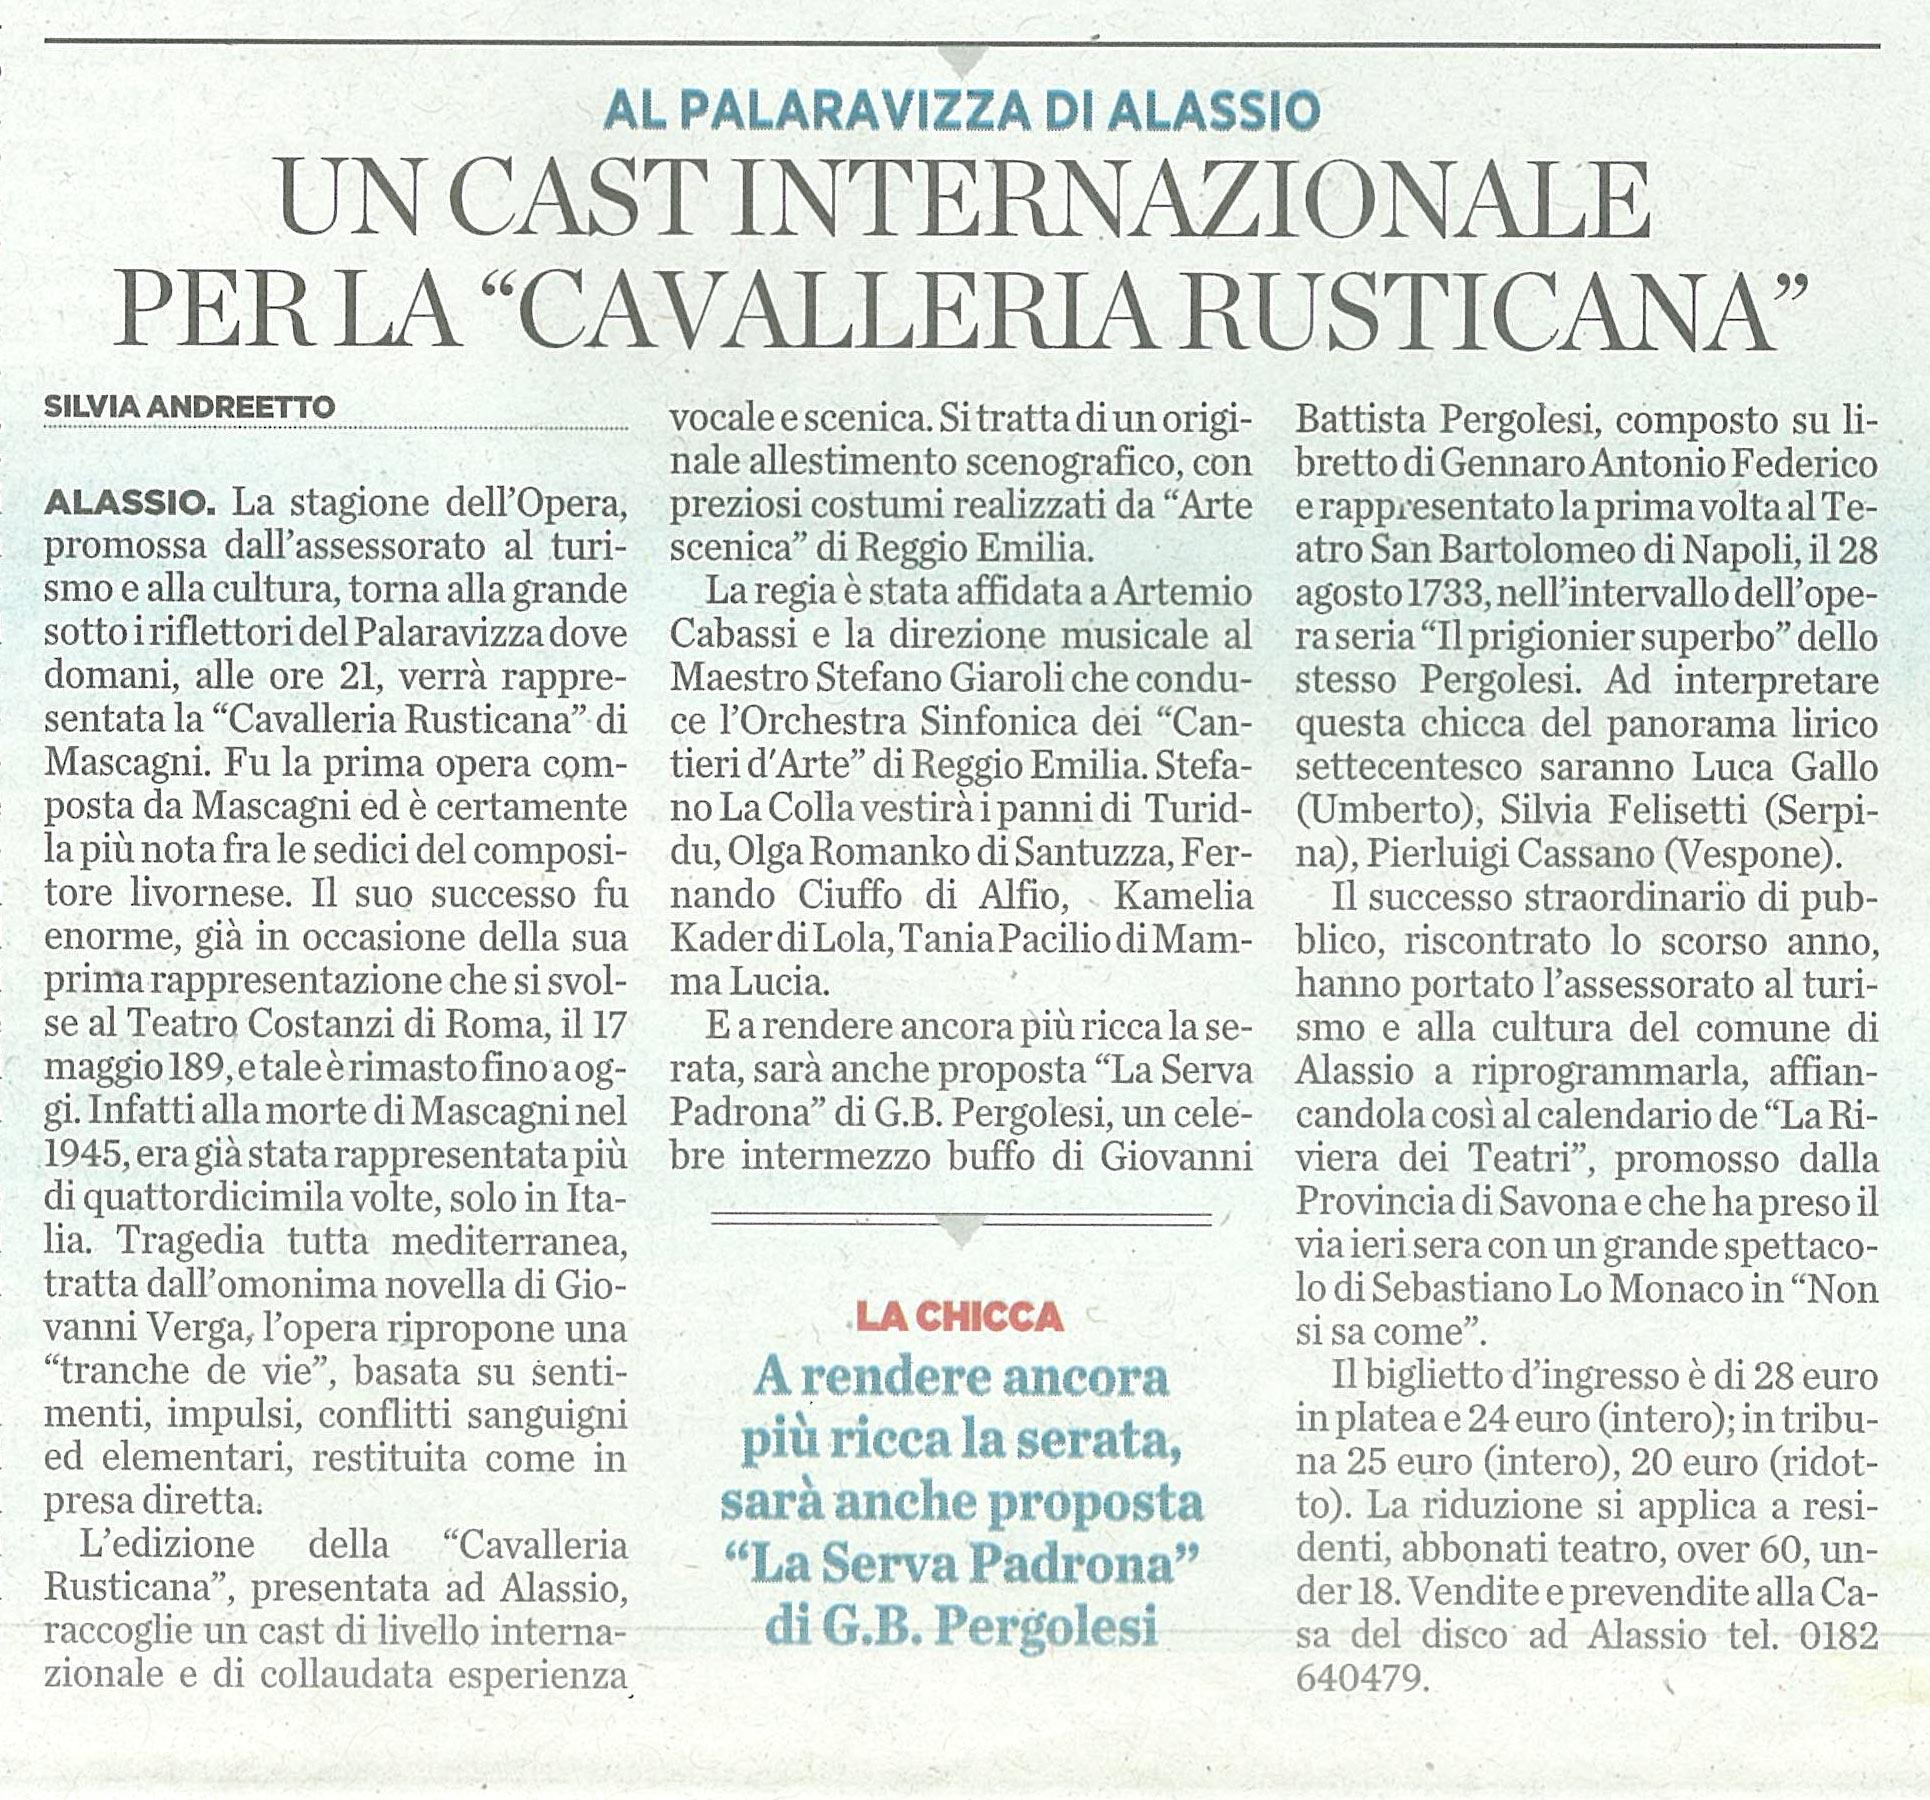 20.11.2010 – IL SECOLO XIX – Cavalleria Rusticana (Alassio)